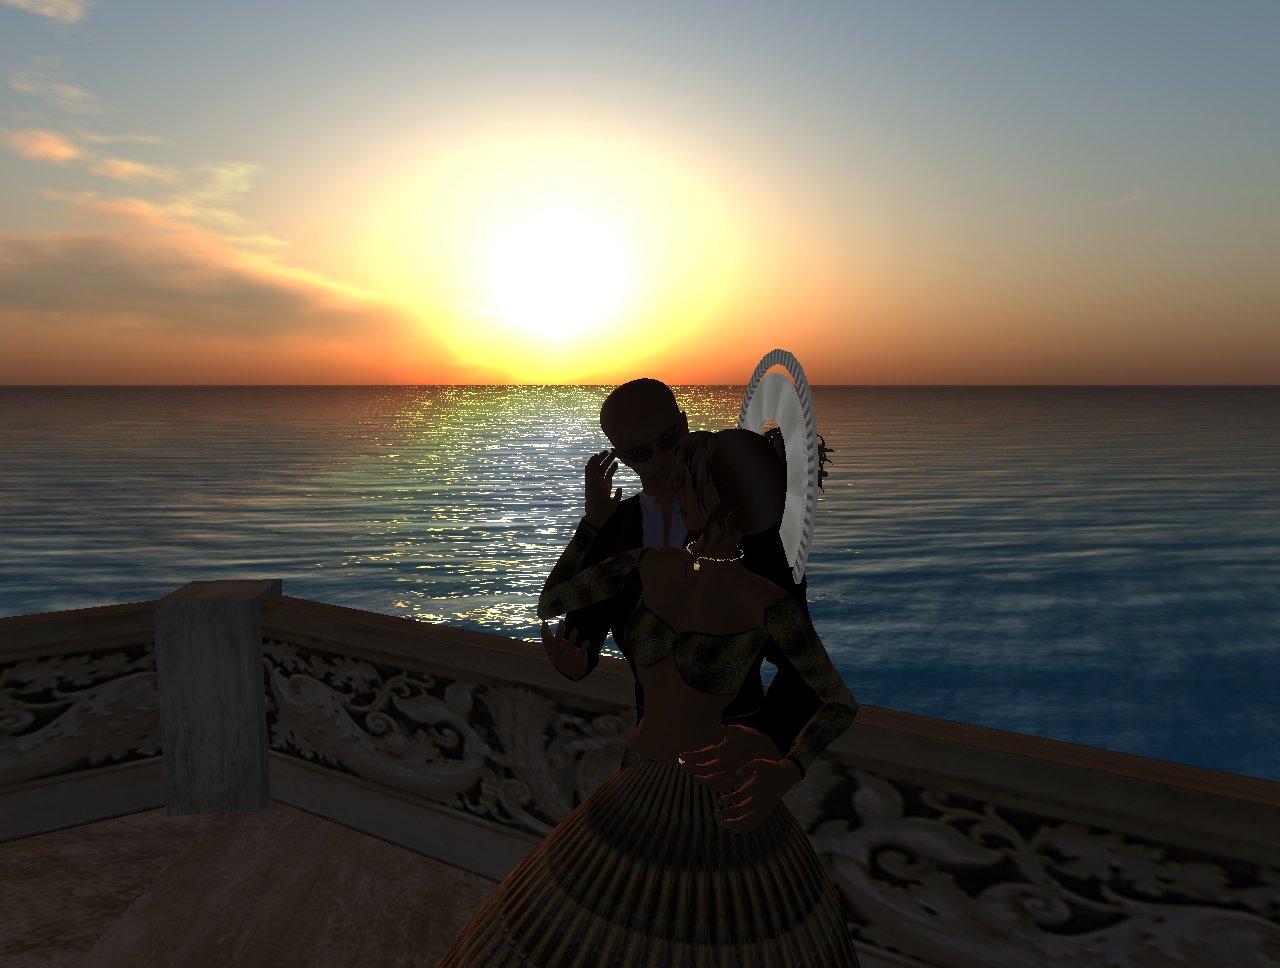 sc ne romantique au coucher du soleil joy isle 03 01 2008. Black Bedroom Furniture Sets. Home Design Ideas